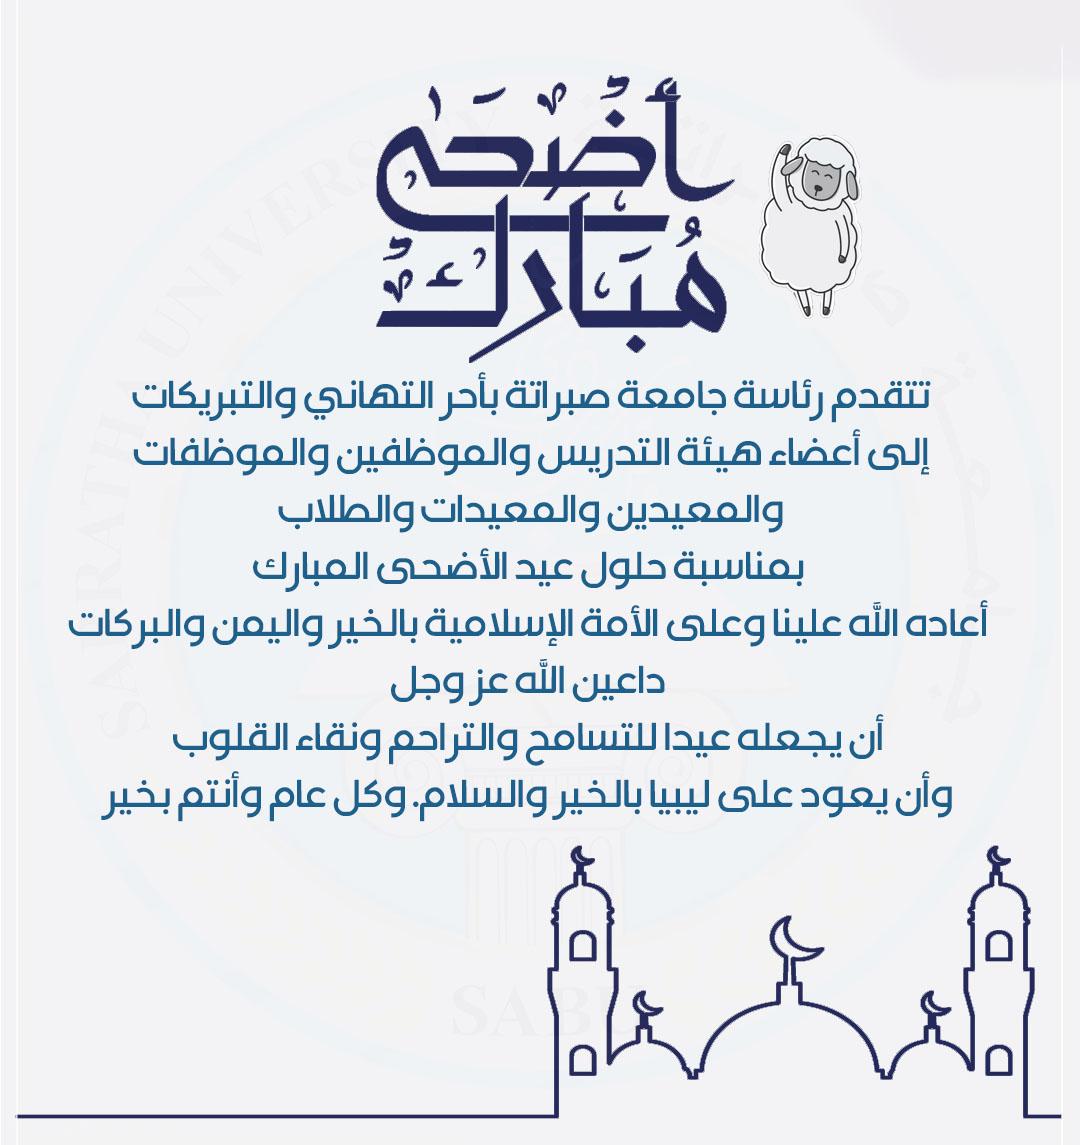 تهنئة عيد الاضحى المبارك 1442 هجري - جامعة صبراتة